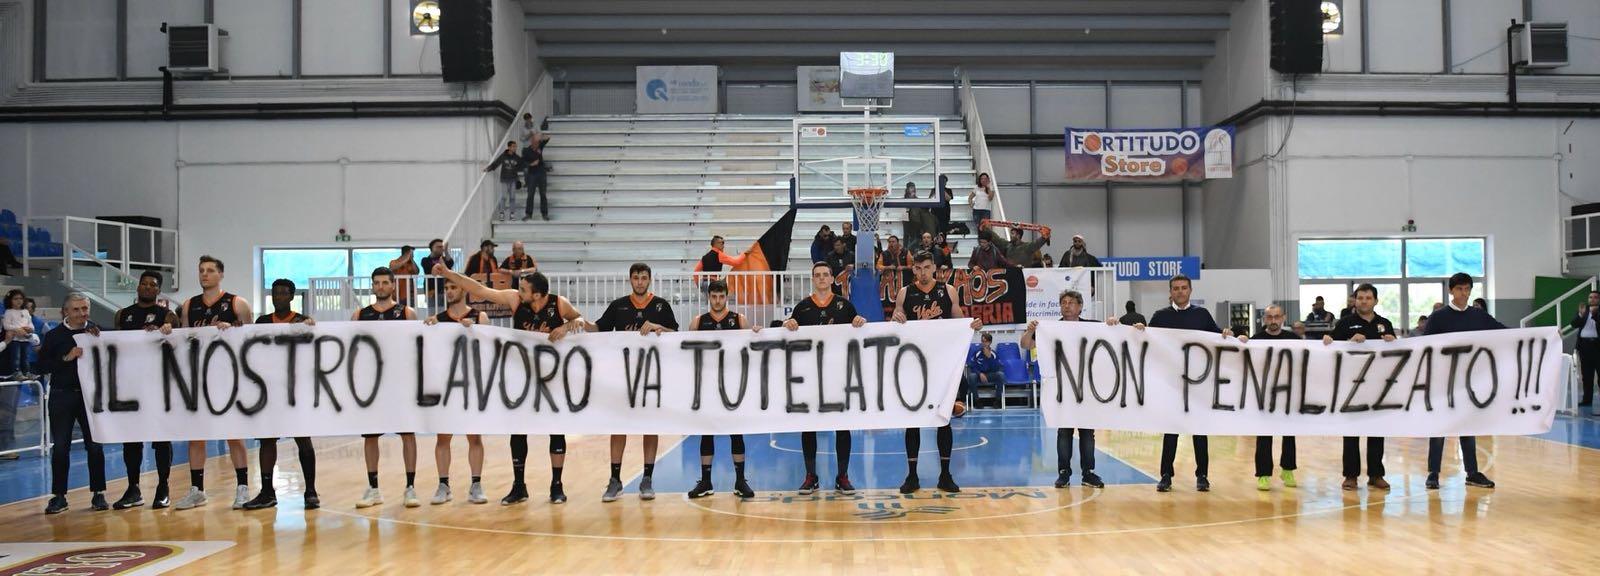 Photo of Viola Reggio Calabria: la Corte Federale di Appello rifiuta il ricorso